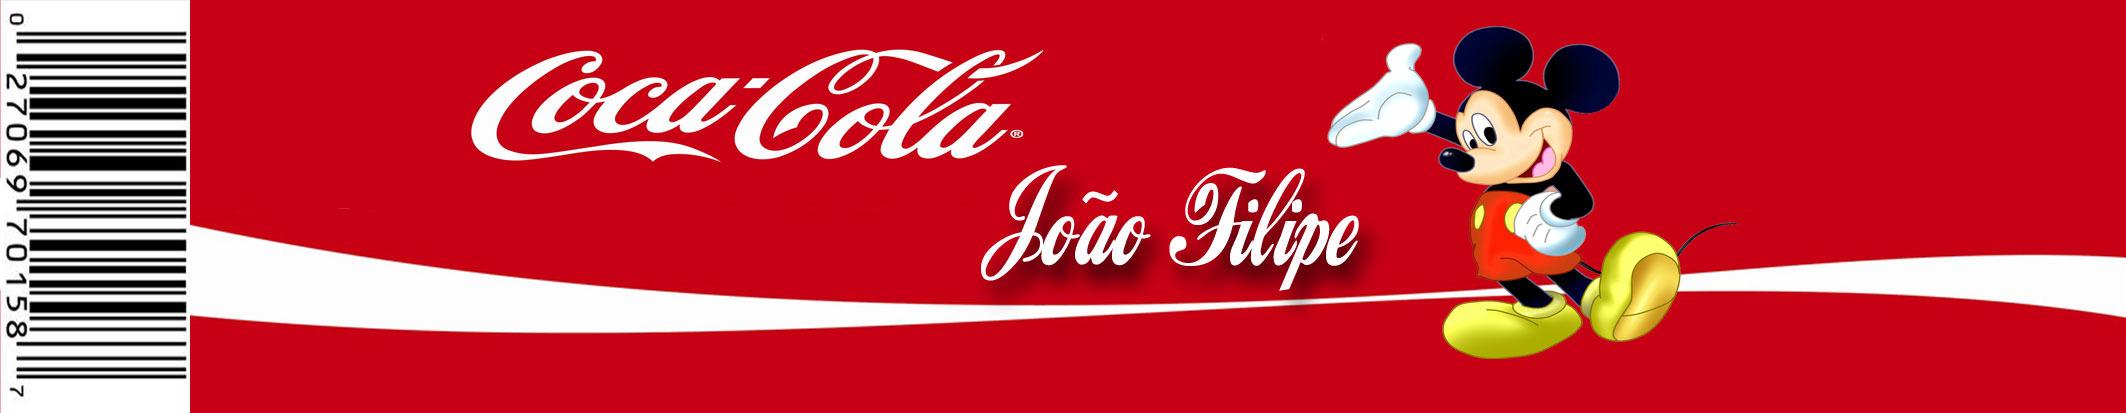 7ps of coca cola pdf